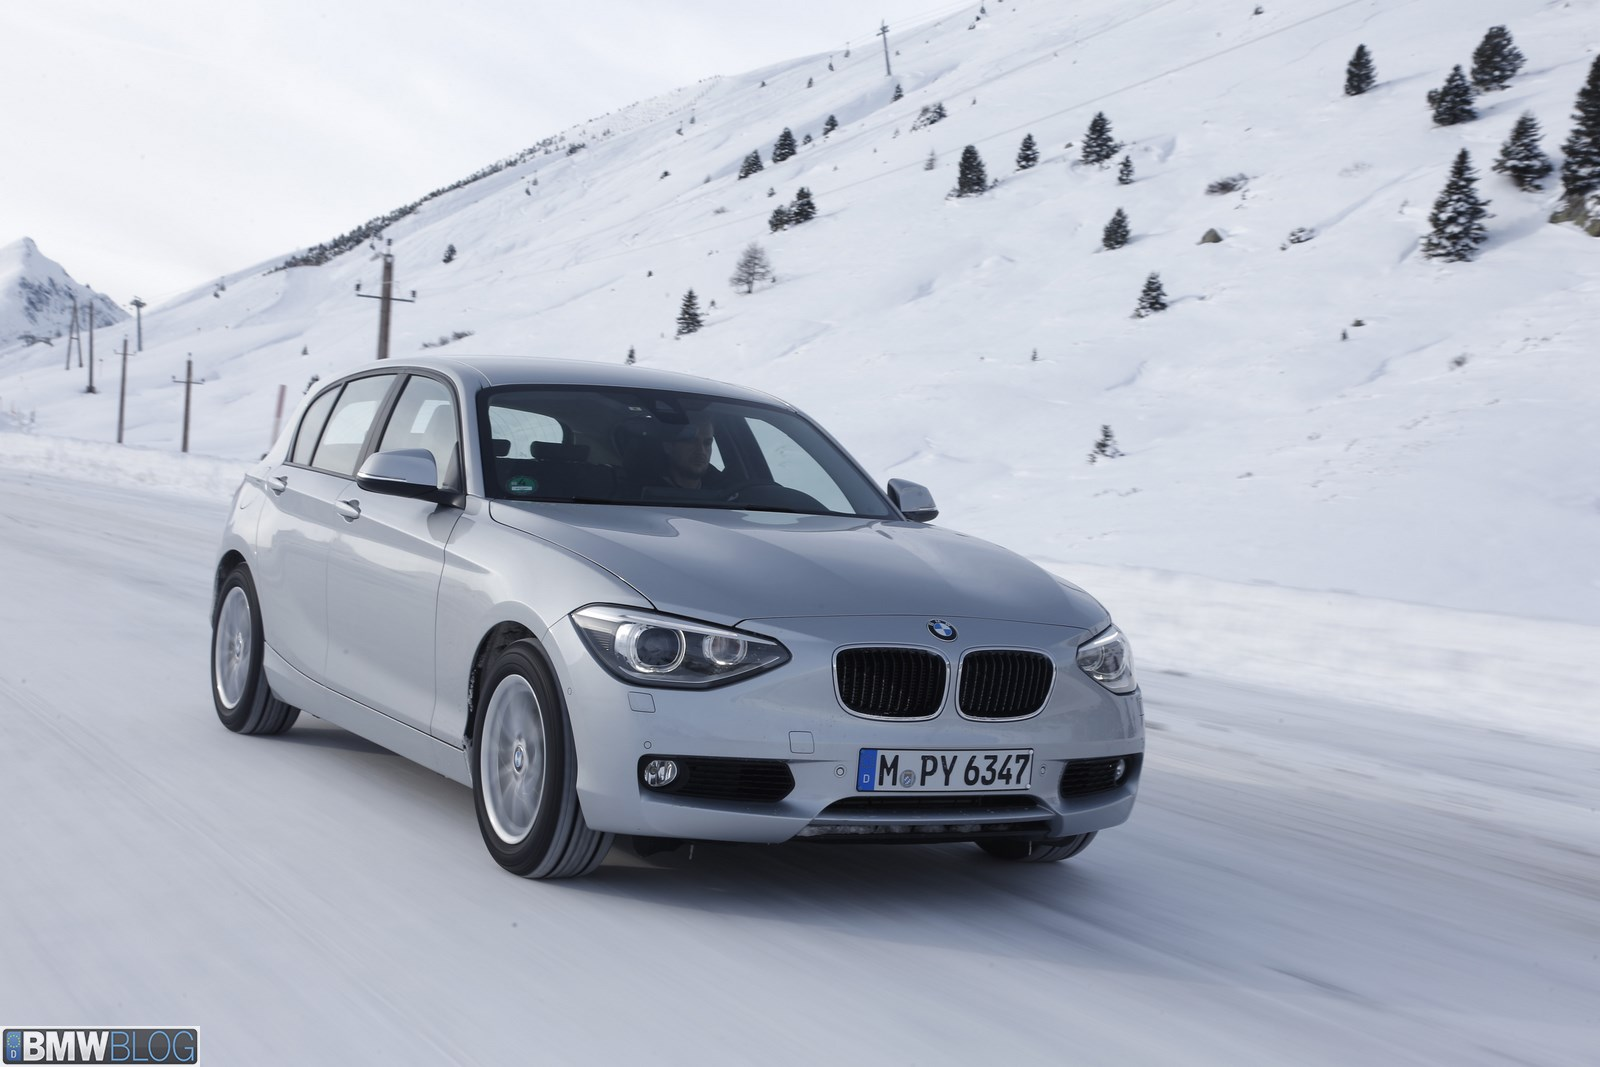 BMW 118d xDrive 02